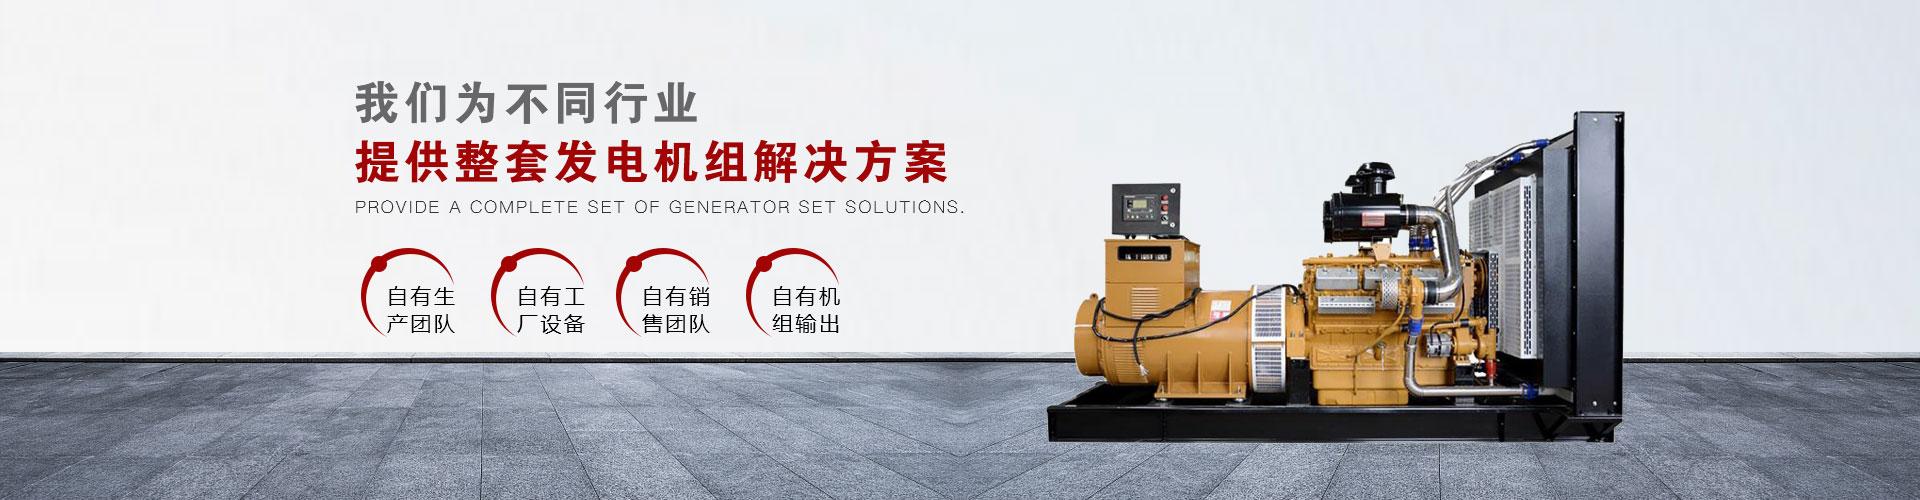 贵阳柴油发电机